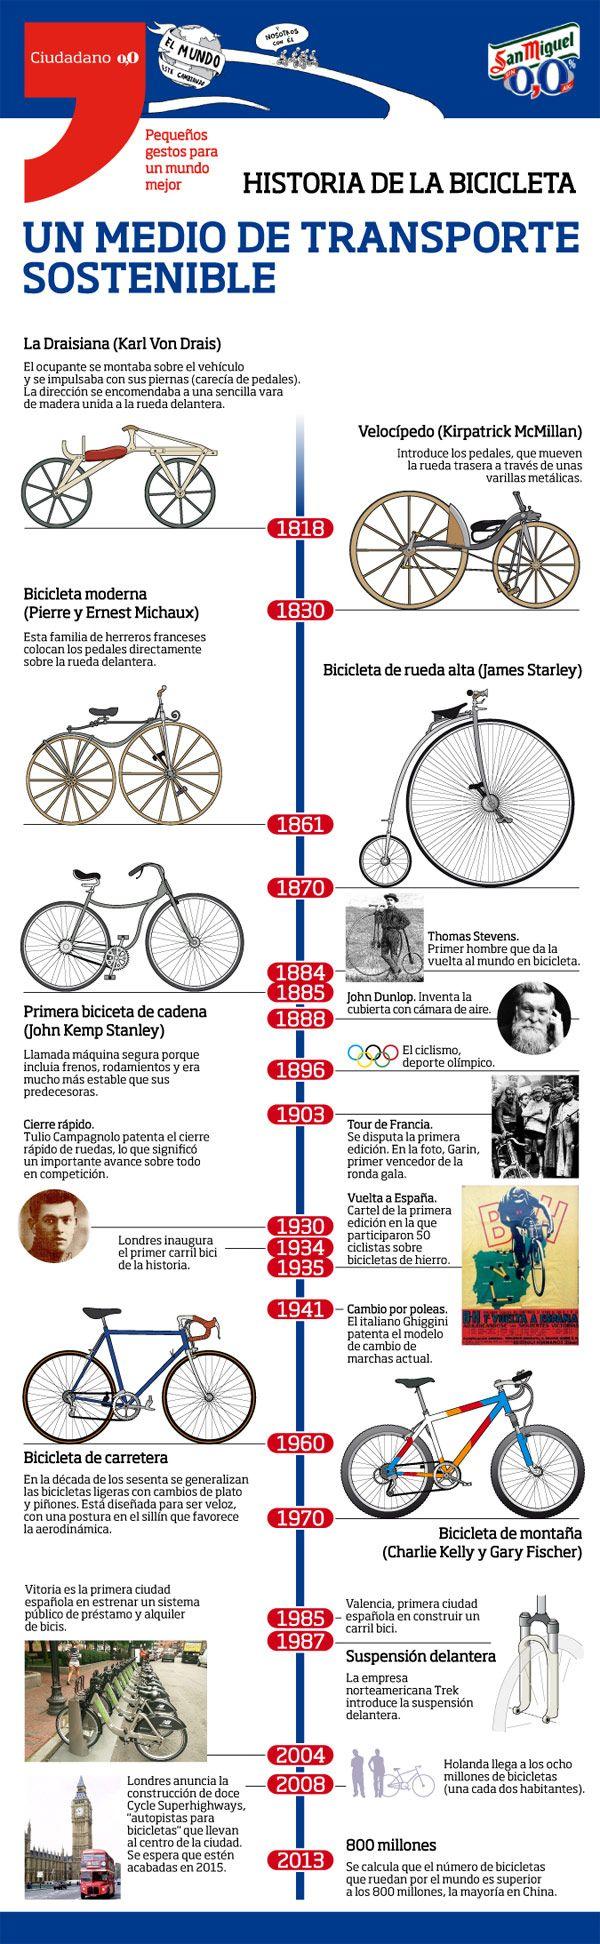 La historia de la bicicleta mostrada en una completa infografía | TodoMountainBike